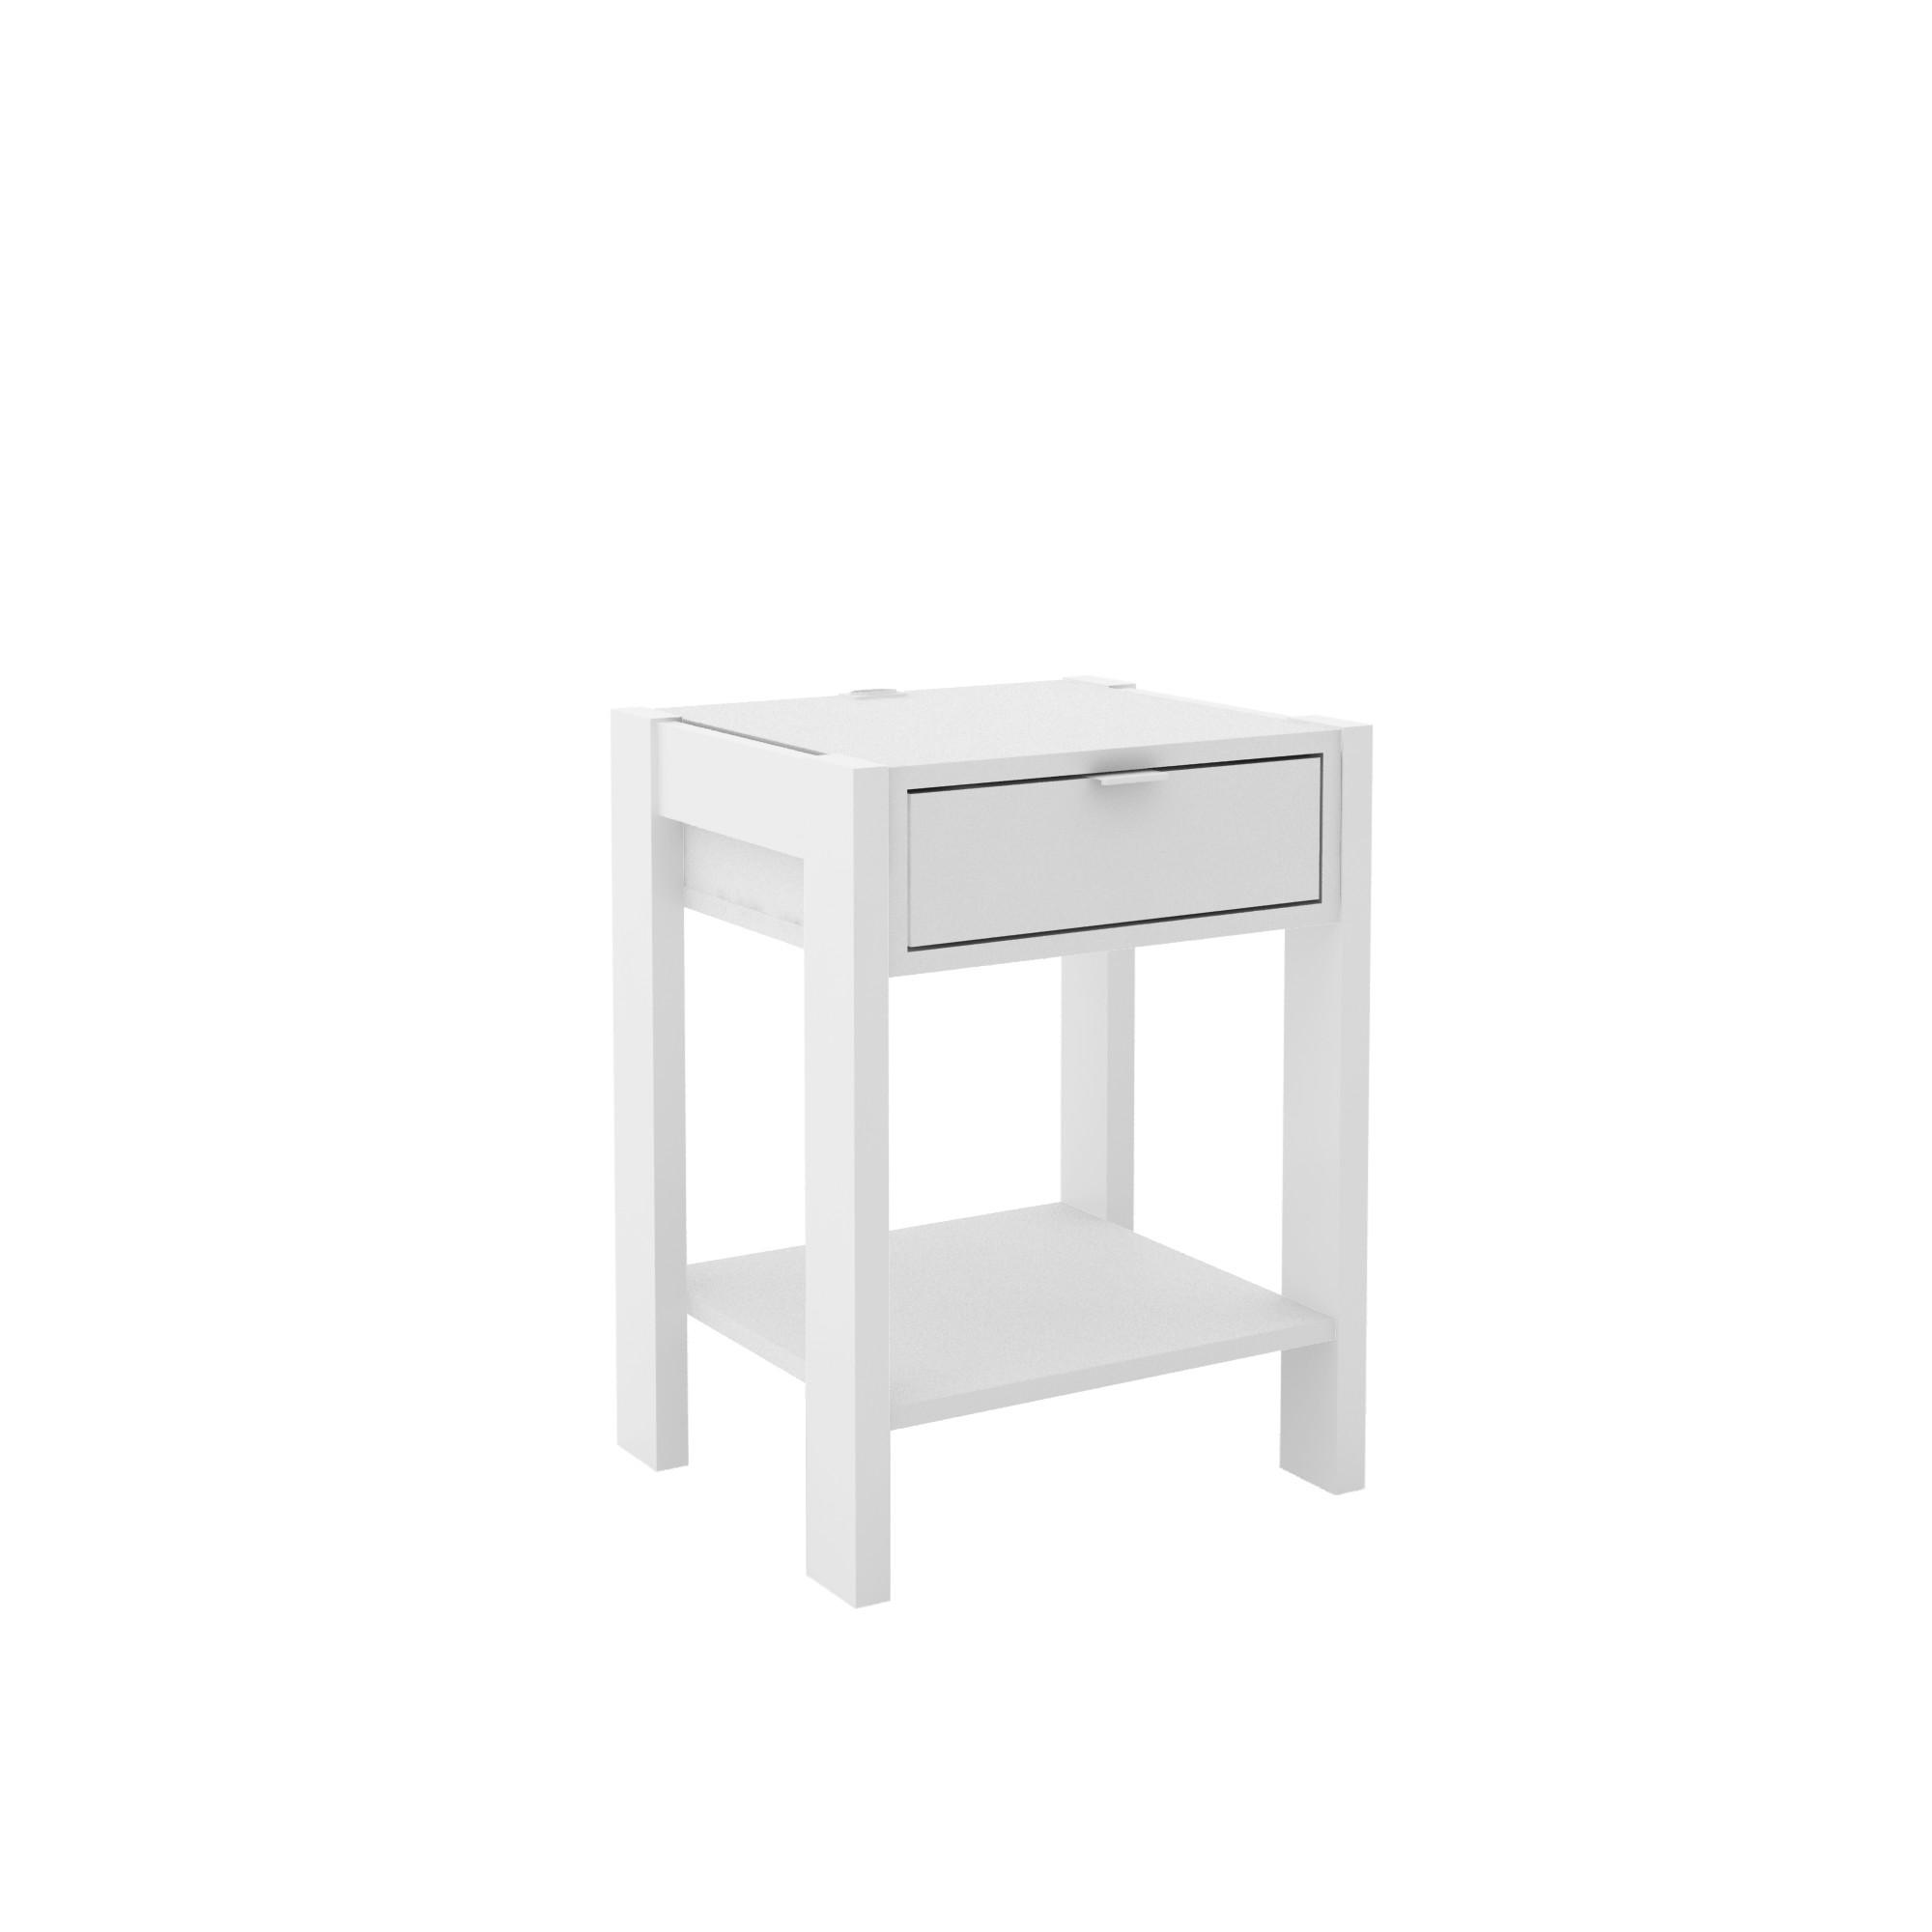 Mesa de Cabeceira 41x545cm 1 Gaveta Branco - Tecnomobili